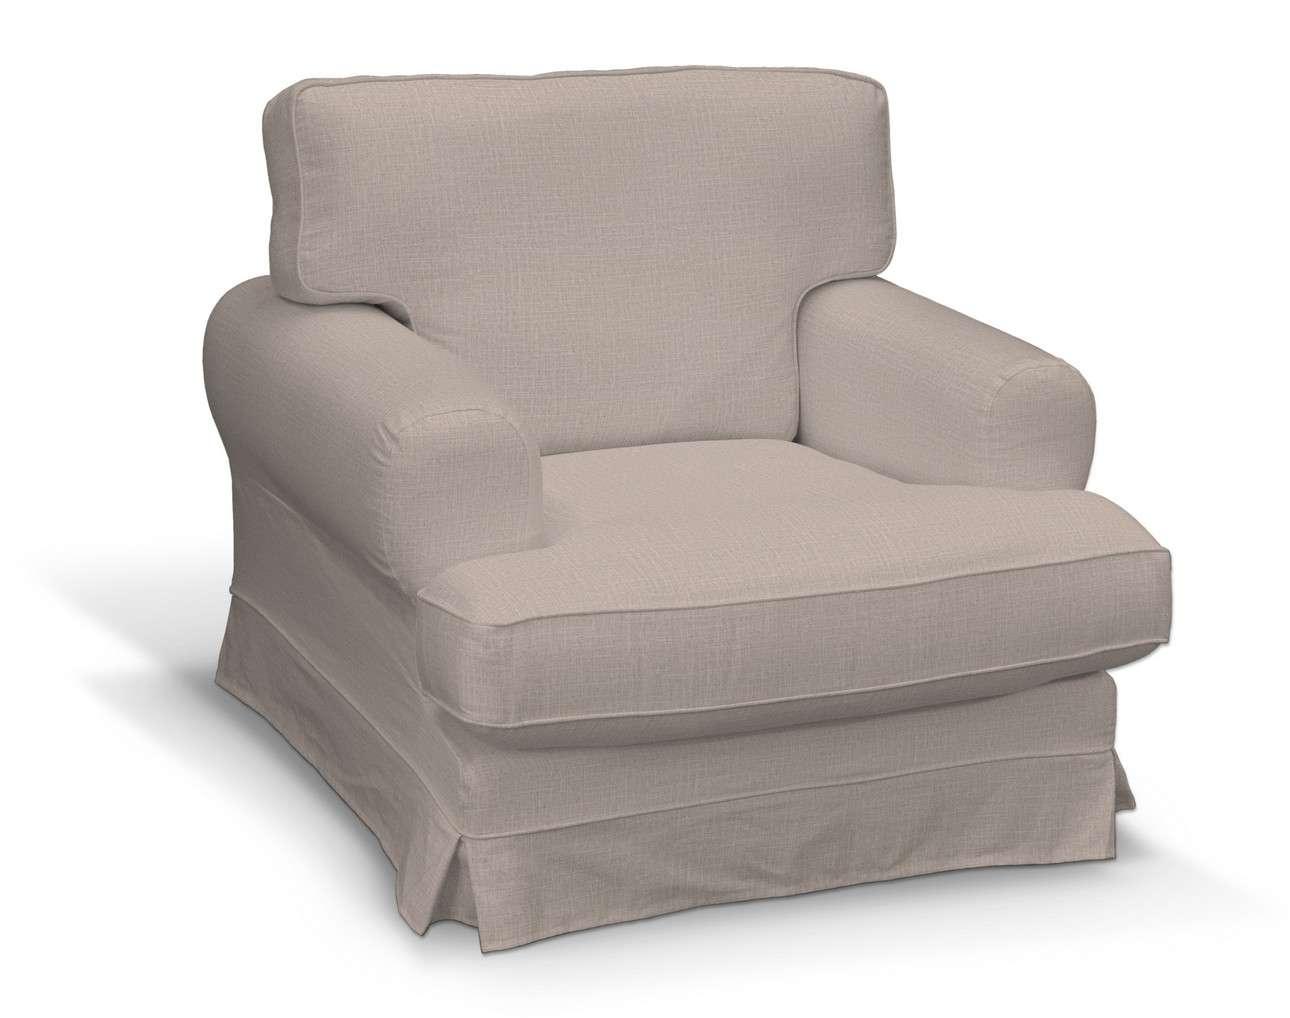 Ekeskog Sesselbezug von der Kollektion Living, Stoff: 160-85